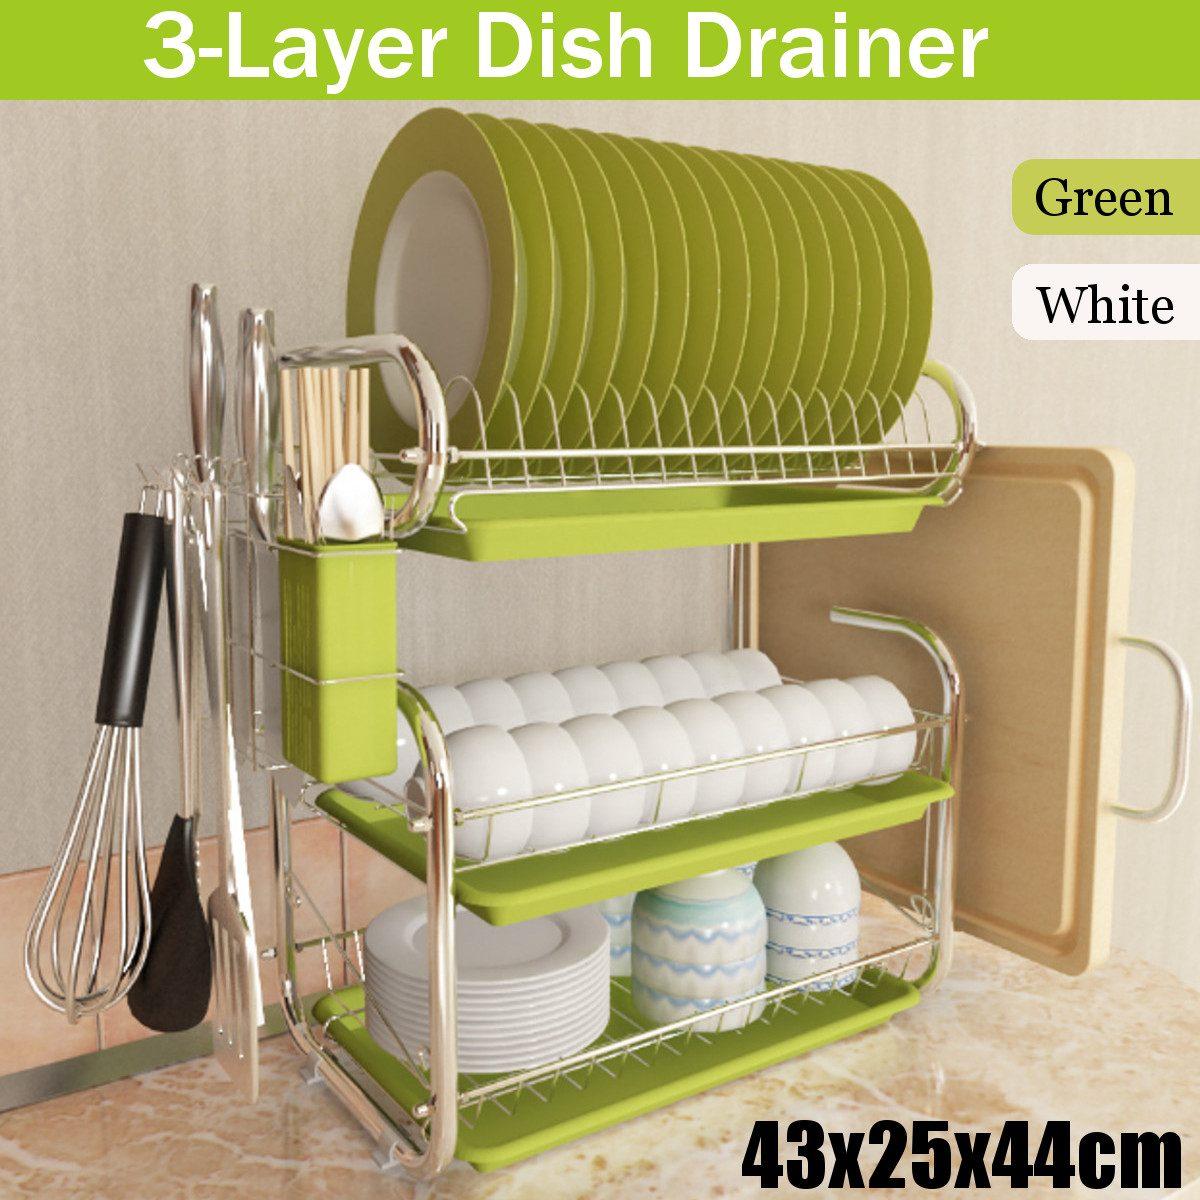 3 ชั้นจานแห้ง Rack ชั้นวางของห้องครัวผู้ถือตะกร้าเหล็กชุบมีด SINK Drying Rack Organizer